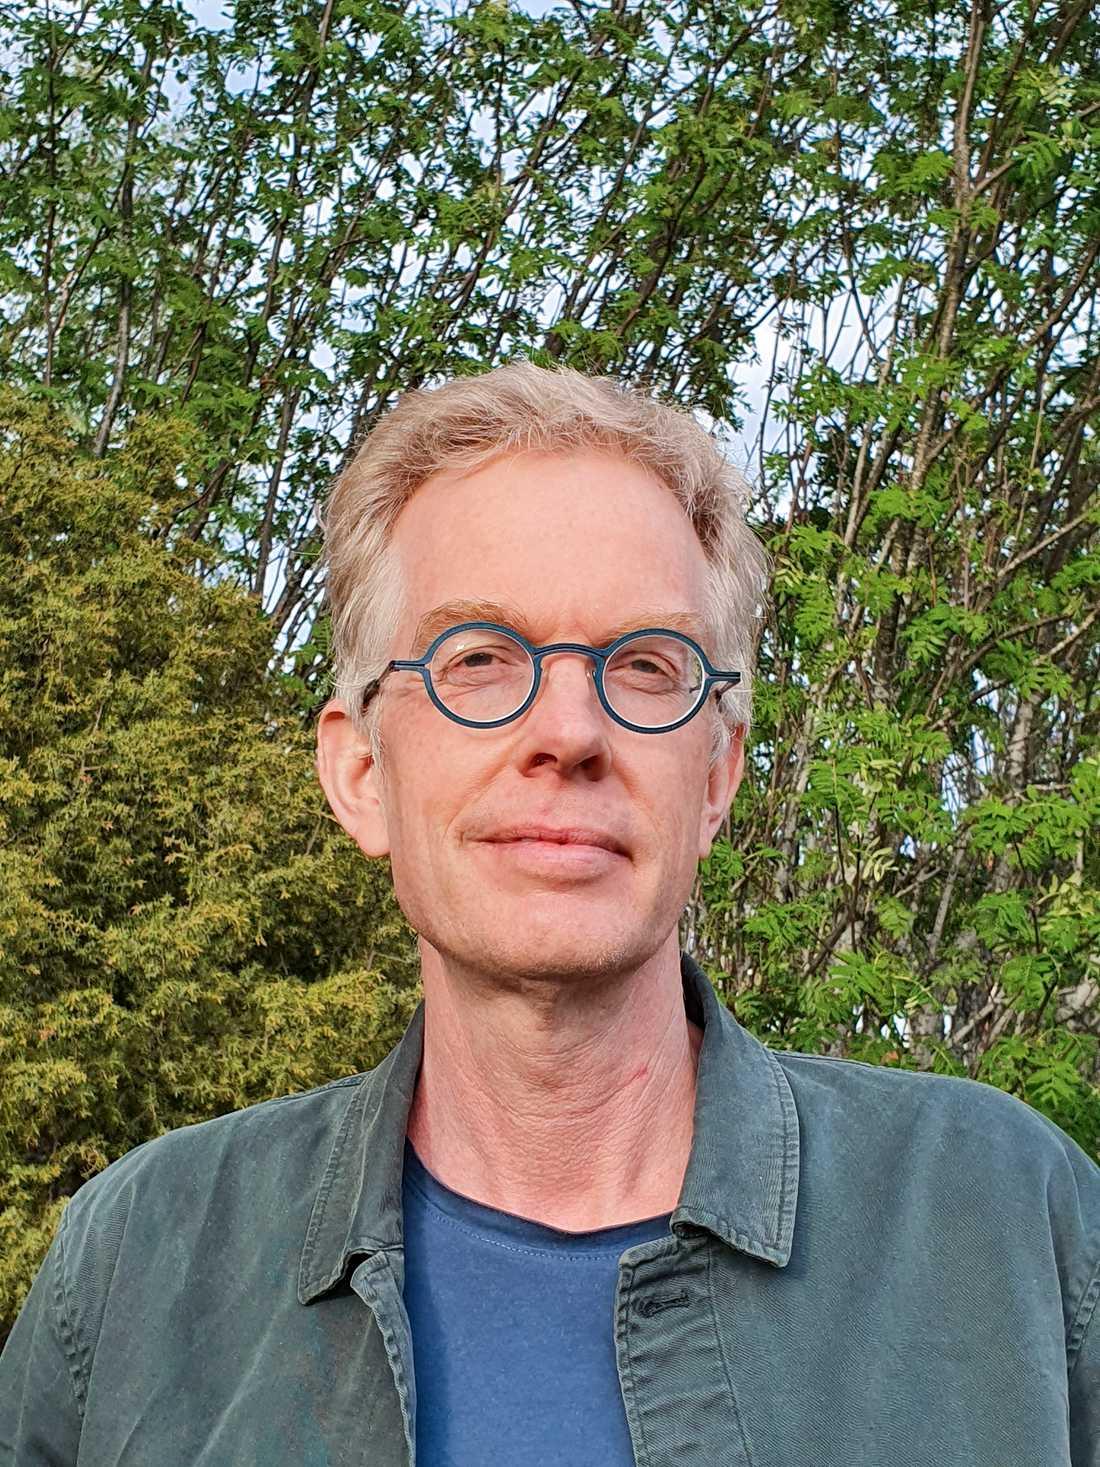 Anders Johnsson, hygienläkare för region Västerbotten, forskare och ordförande i Svenska hygienläkarföreningen.